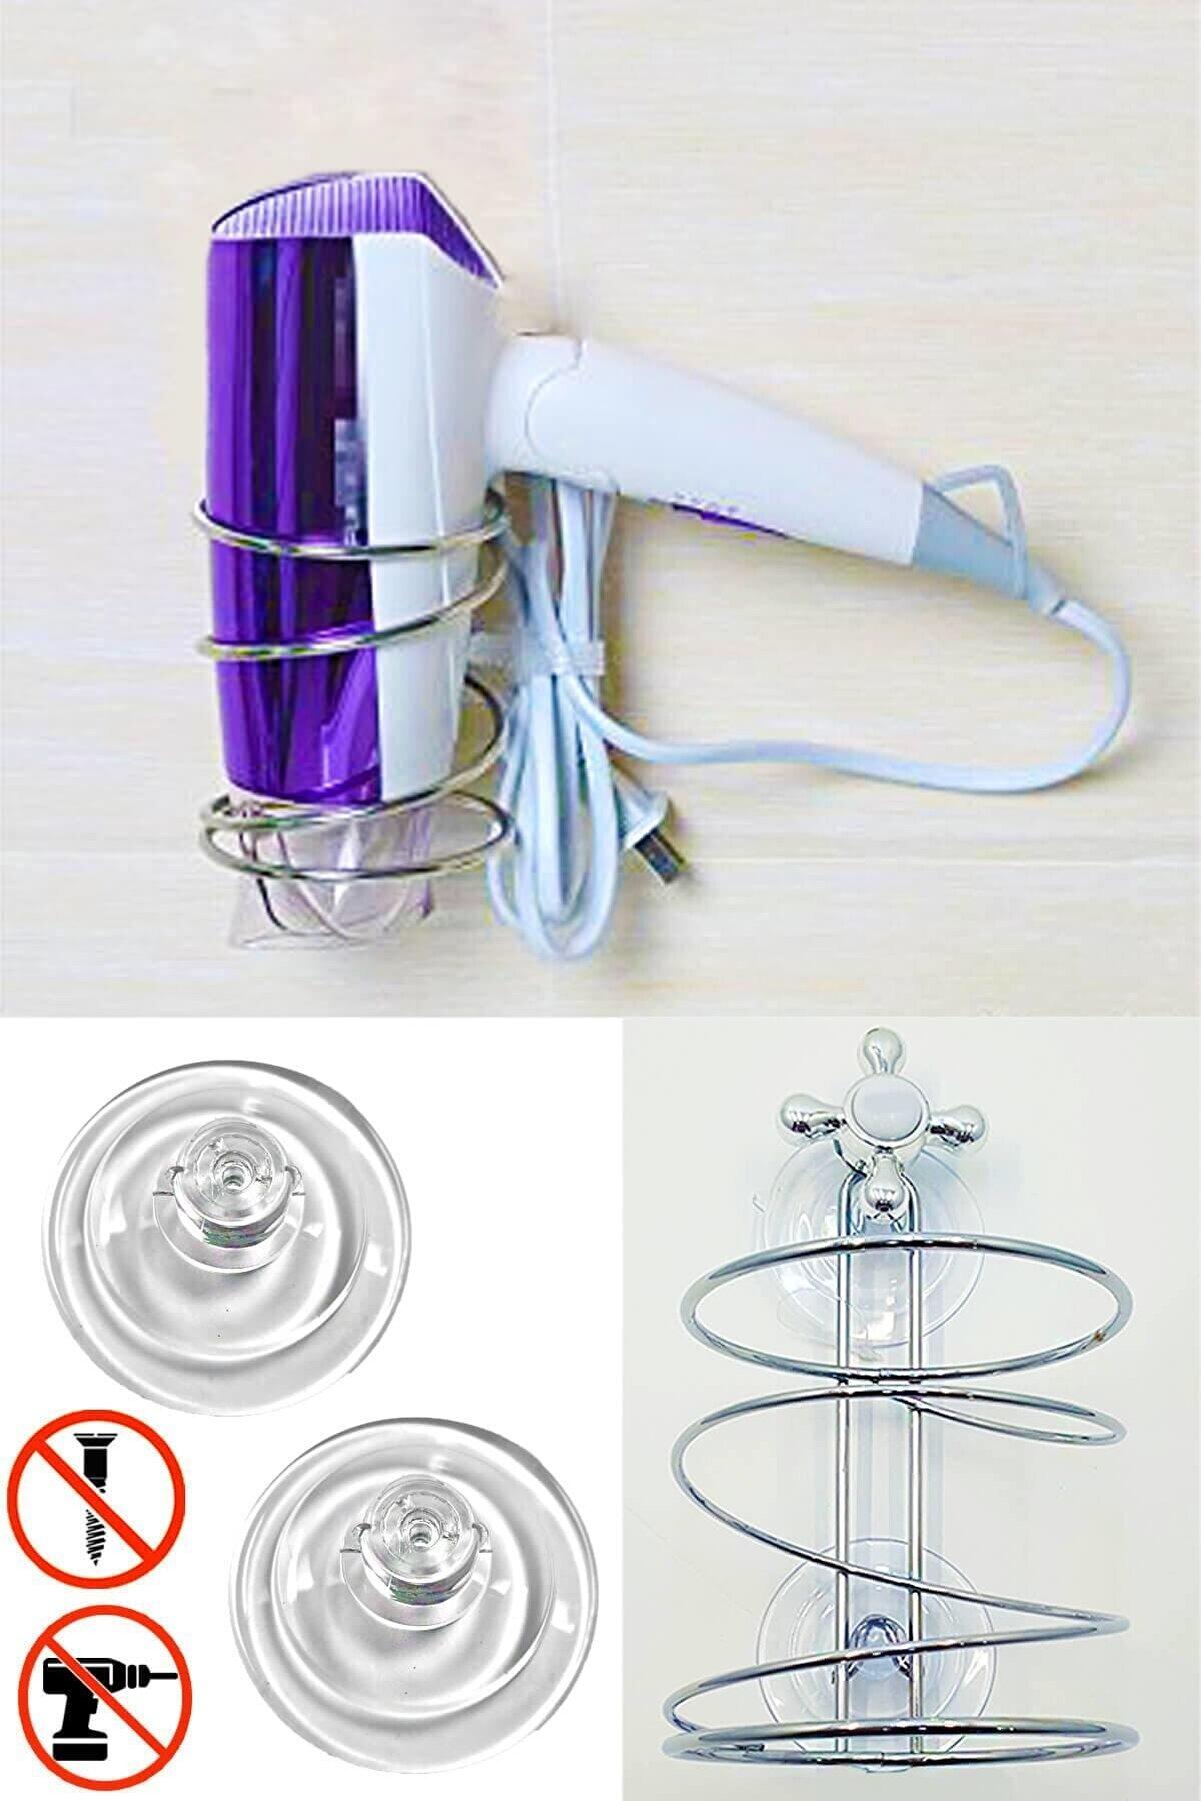 Maksipazar Vantuzlu Saç kurutma makinesi tutacağı, vantuzlu fön makinesi tutucu